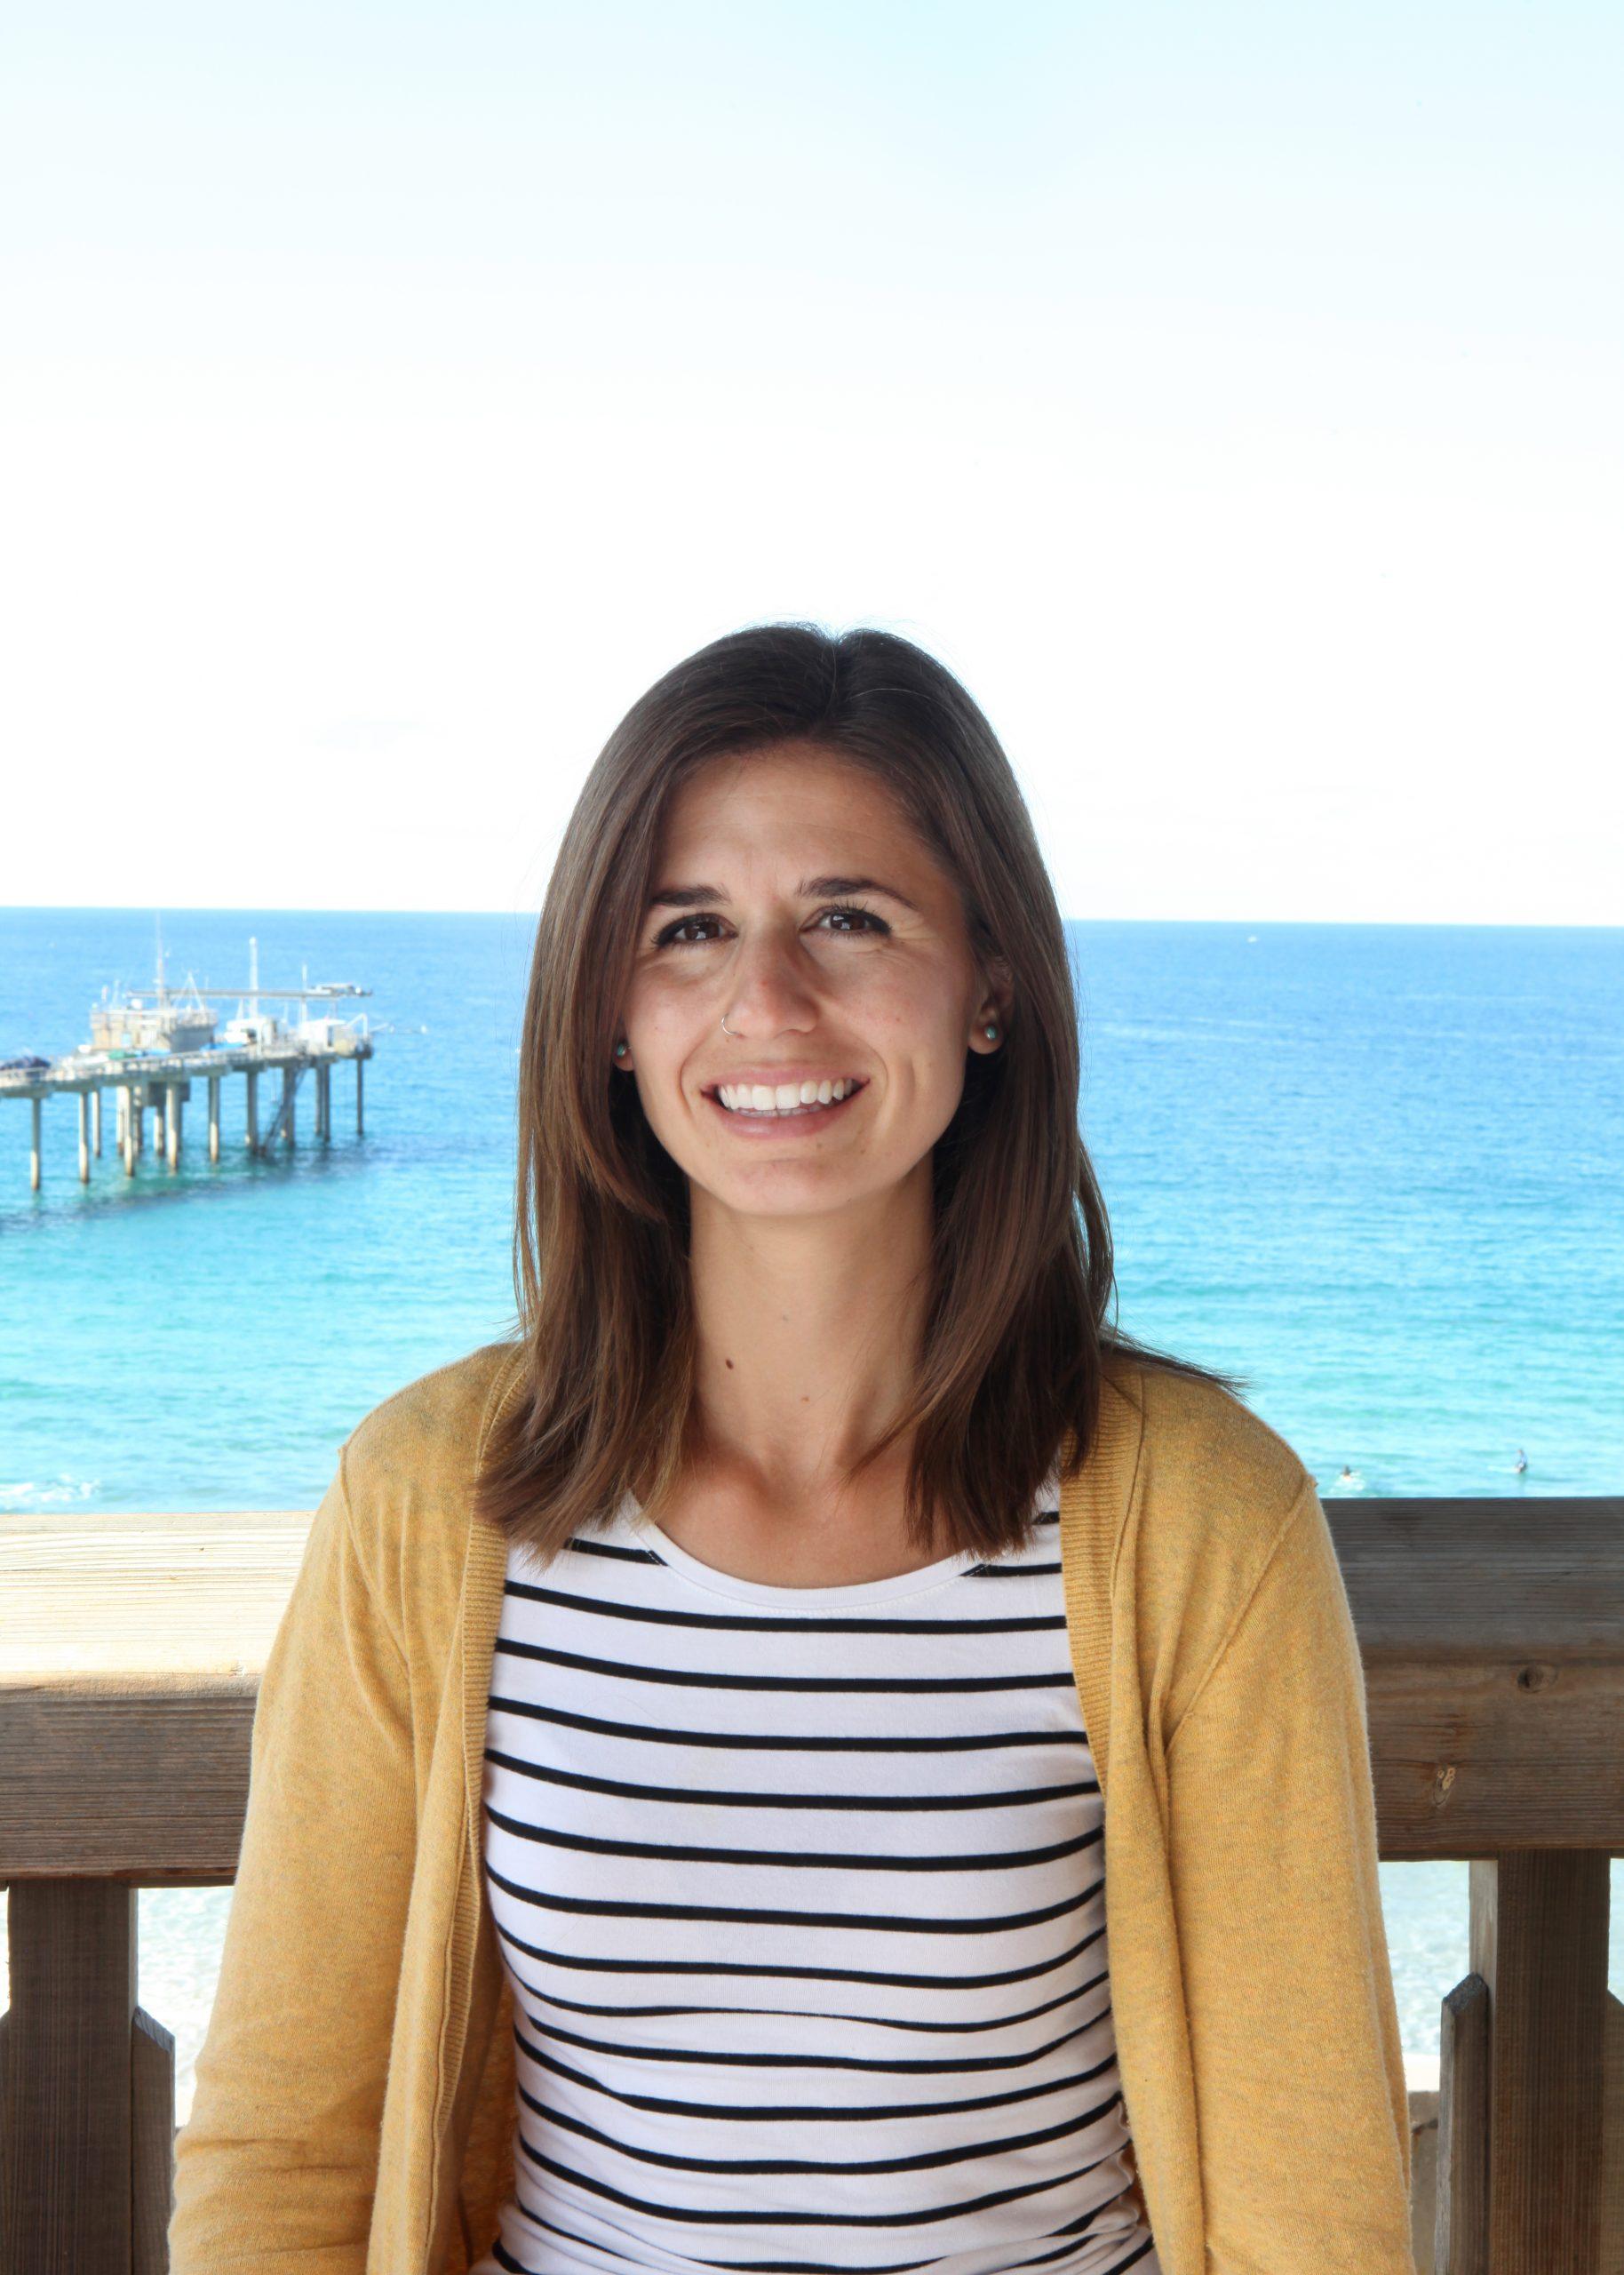 Lindsay Bonito : Master's Student